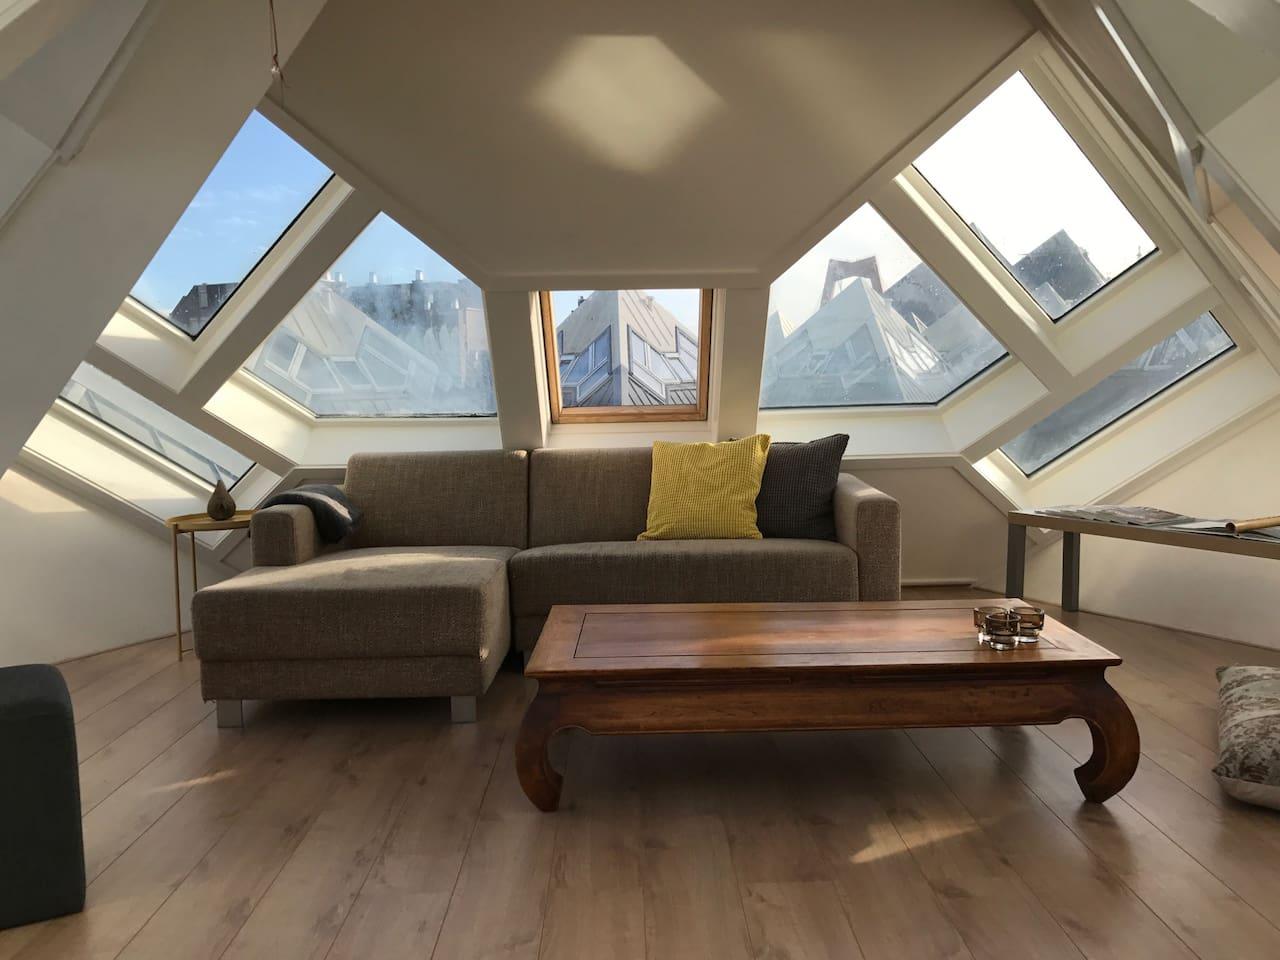 The top floor wirh 360 view